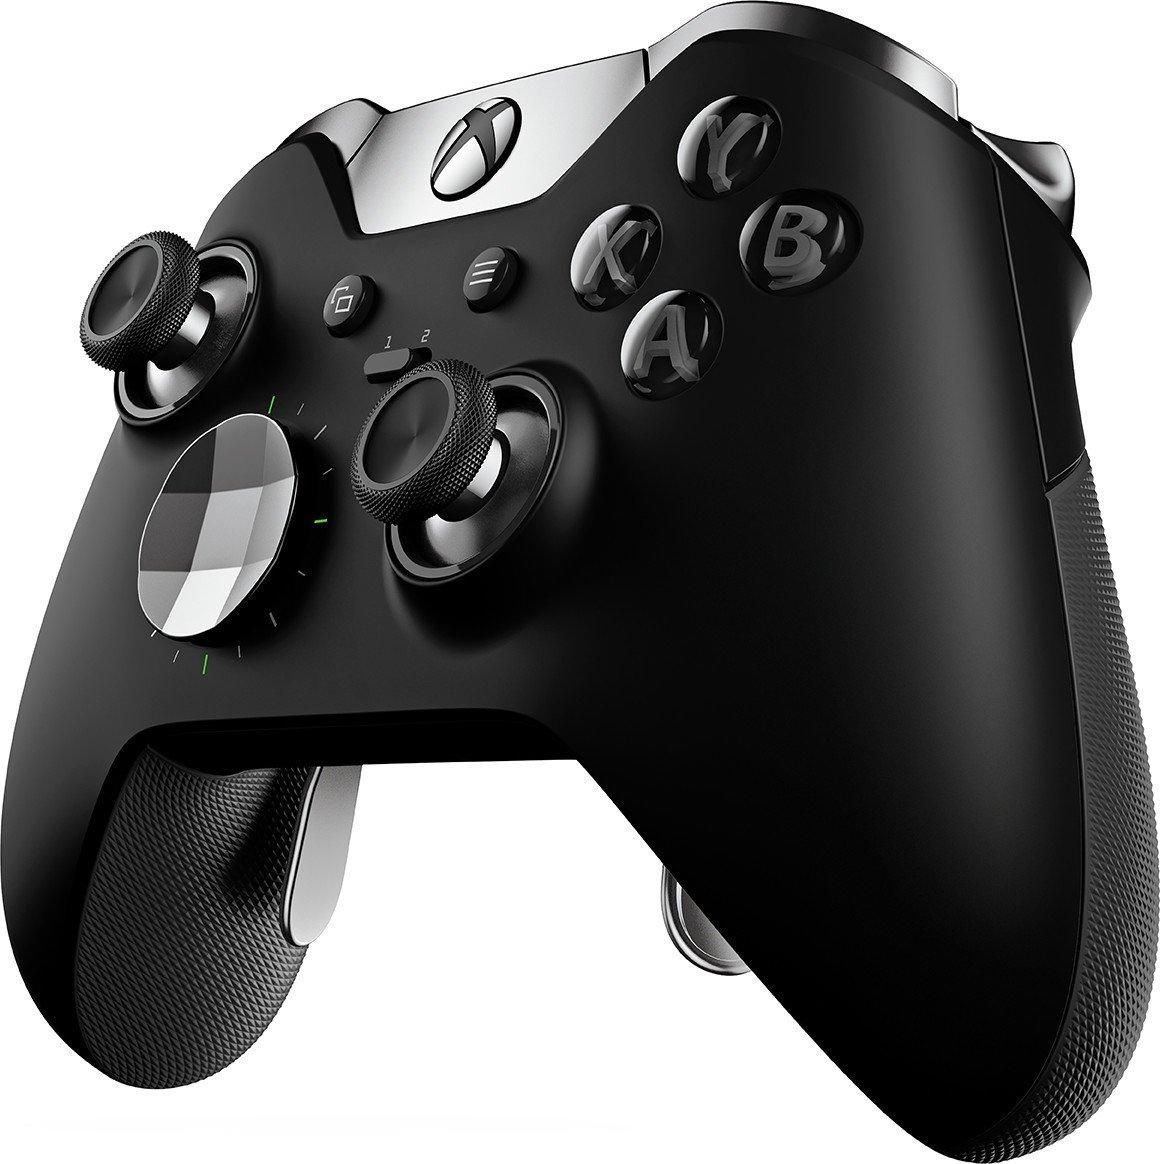 Xbox One - Original Wireless Elite Controller #schwarz [Microsoft] (OVP beschädigt) - Ausstellungsstück